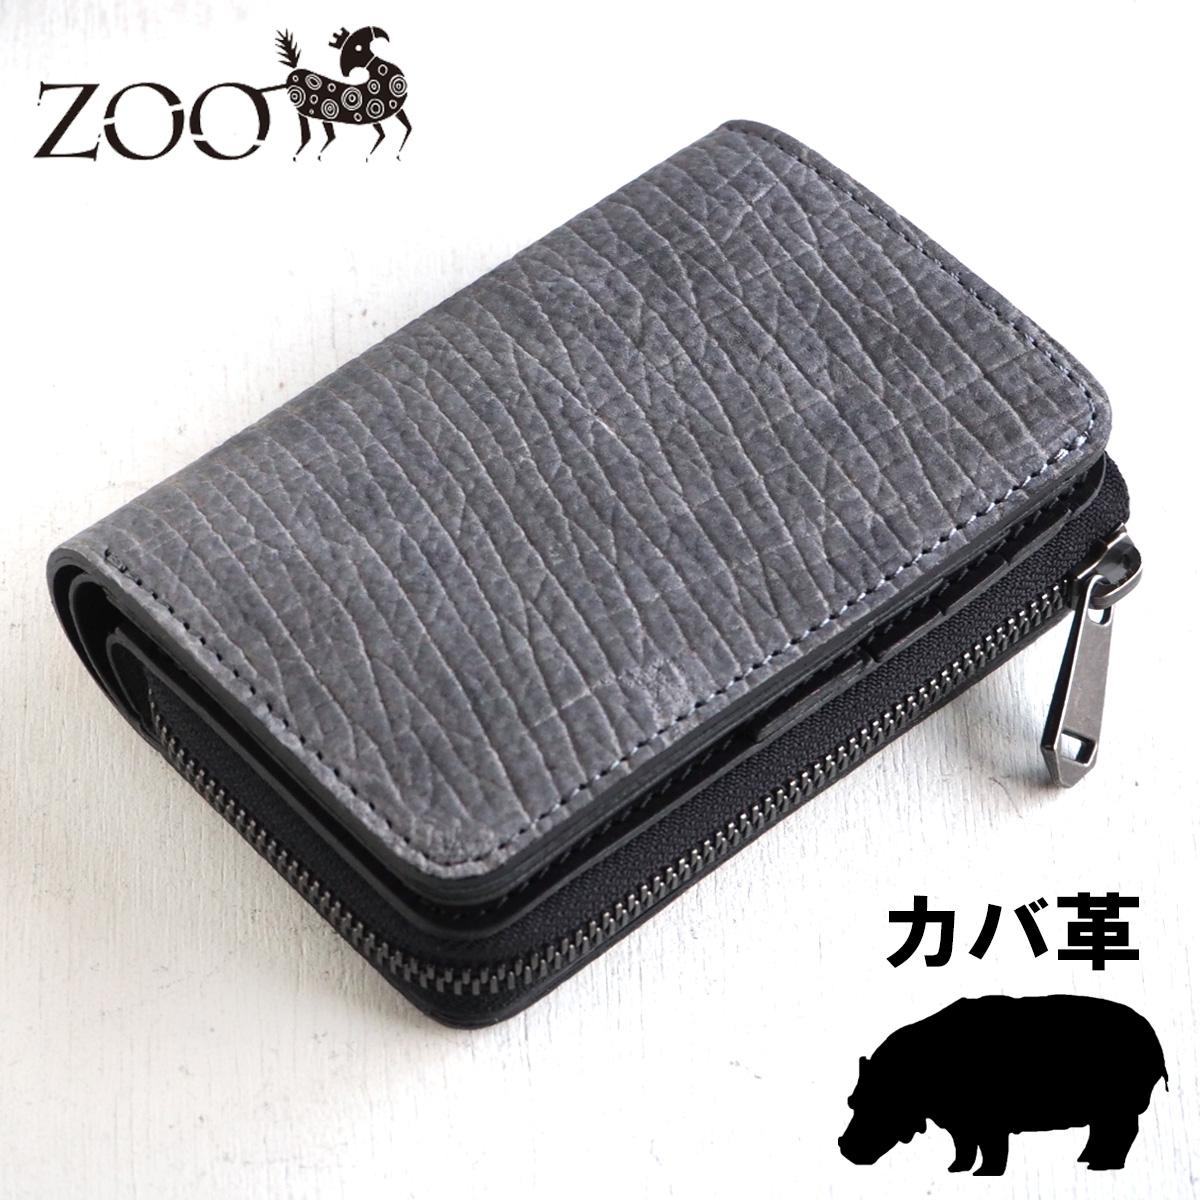 ZOO(ズー) カバ革 ディンゴミディアムウォレット8 二つ折り財布 グレー [Z-ZMW-018-GY] 革財布 革製品 革小物